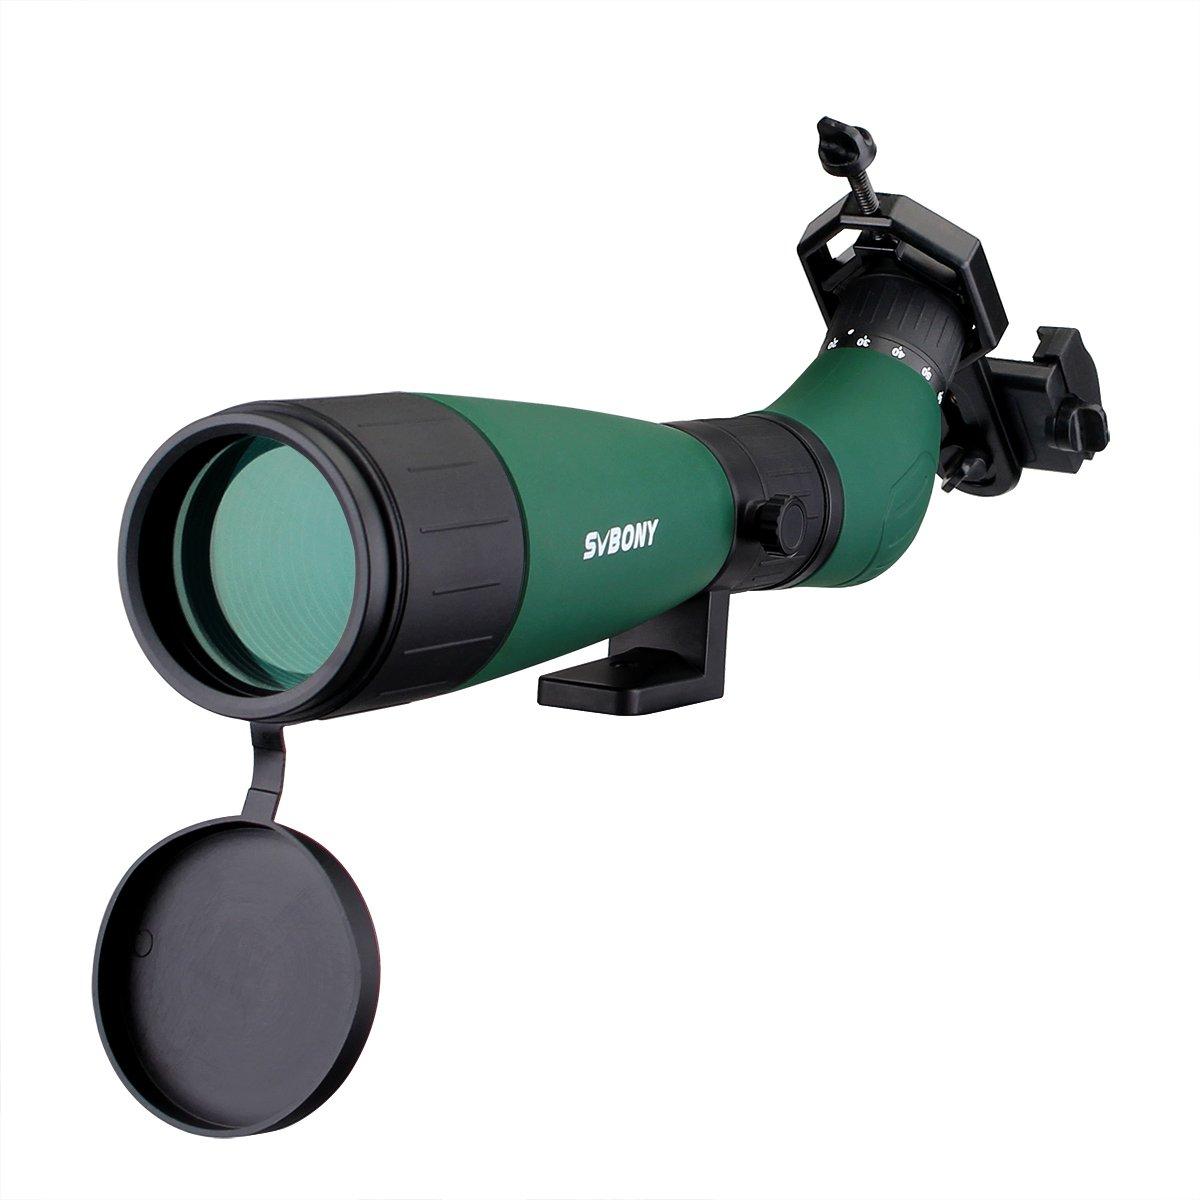 Svbony SV18 Cannocchiale 20-60x60mm Prisma BK-7 Completamente Rivestita Adatto per Shooting Hunting Birdwatching con Adattatore Universale per Smartph EUF9327G-W2546A